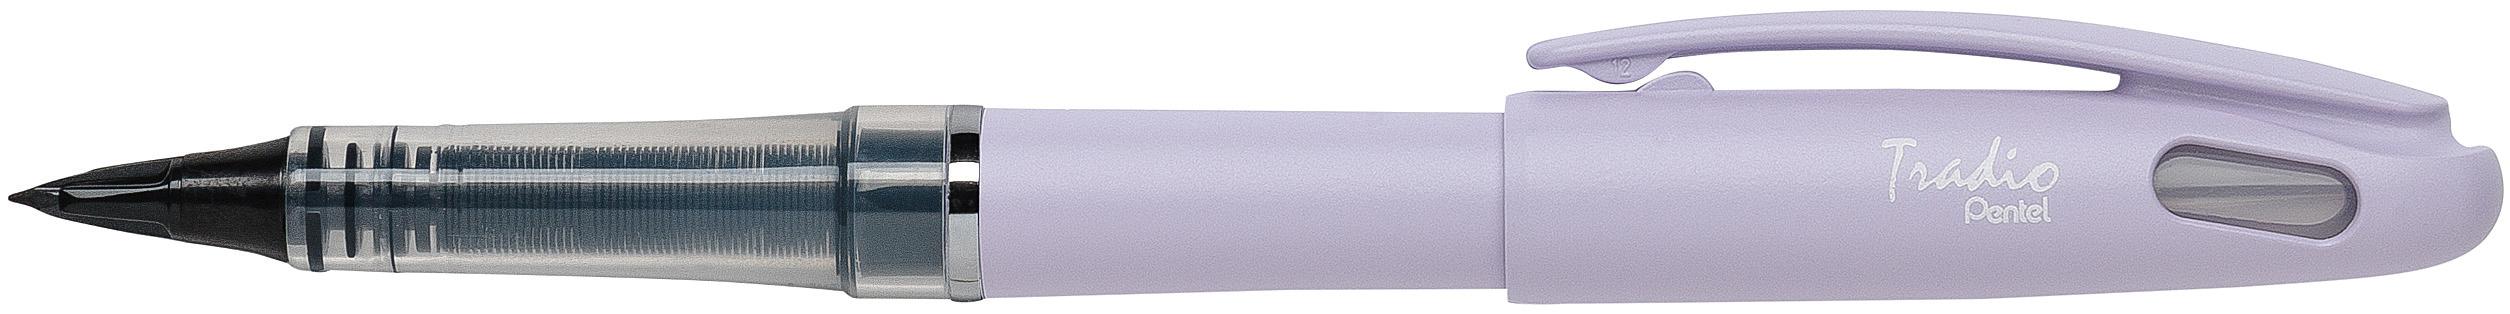 Pentel Tradio Pastel - Feutre plume - corps violet